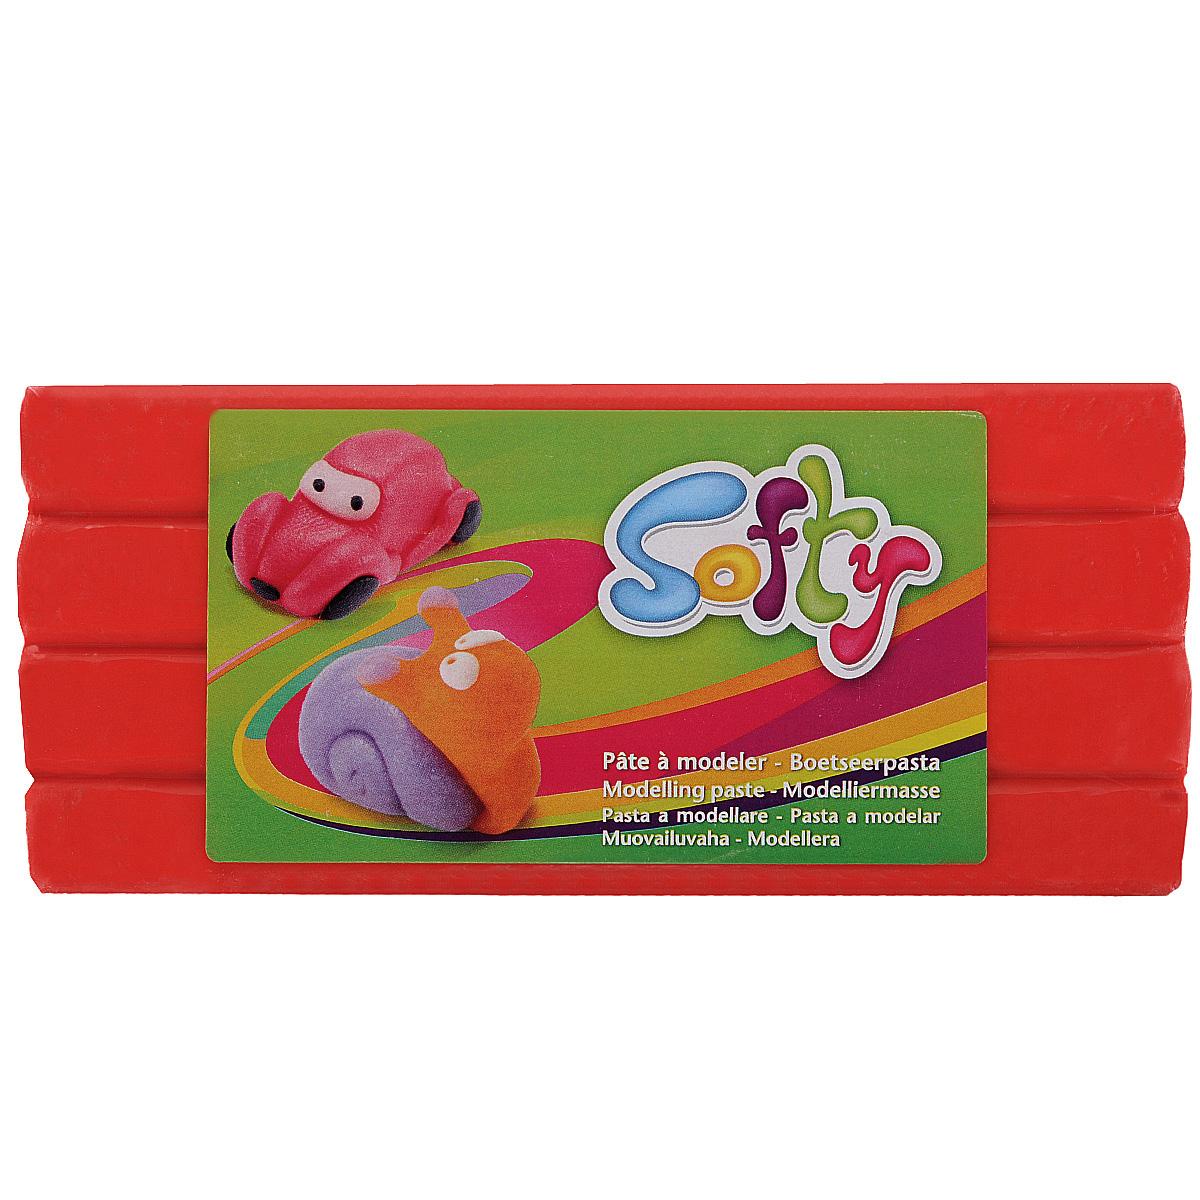 Пластилин Softy, цвет: красный (400), 500 г2.80.Е050.004Цветная масса (пластилин) Softy на восковой основе является идеальнымвариантом материала для лепки. Высокая пластичность позволяет изготавливатьочень тонкие детали. Цвета хорошо смешиваются между собой. Пластилин не липнетк рукам, не окрашивает их, не сохнет на воздухе. Благодаря натуральной основе,безопасен при проглатывании. Хорошо развивает мелкую детскую моторику, а такжевосстанавливает подвижность пальцев и кистей рук у взрослых. Предназначен для детей старше 3 лет.